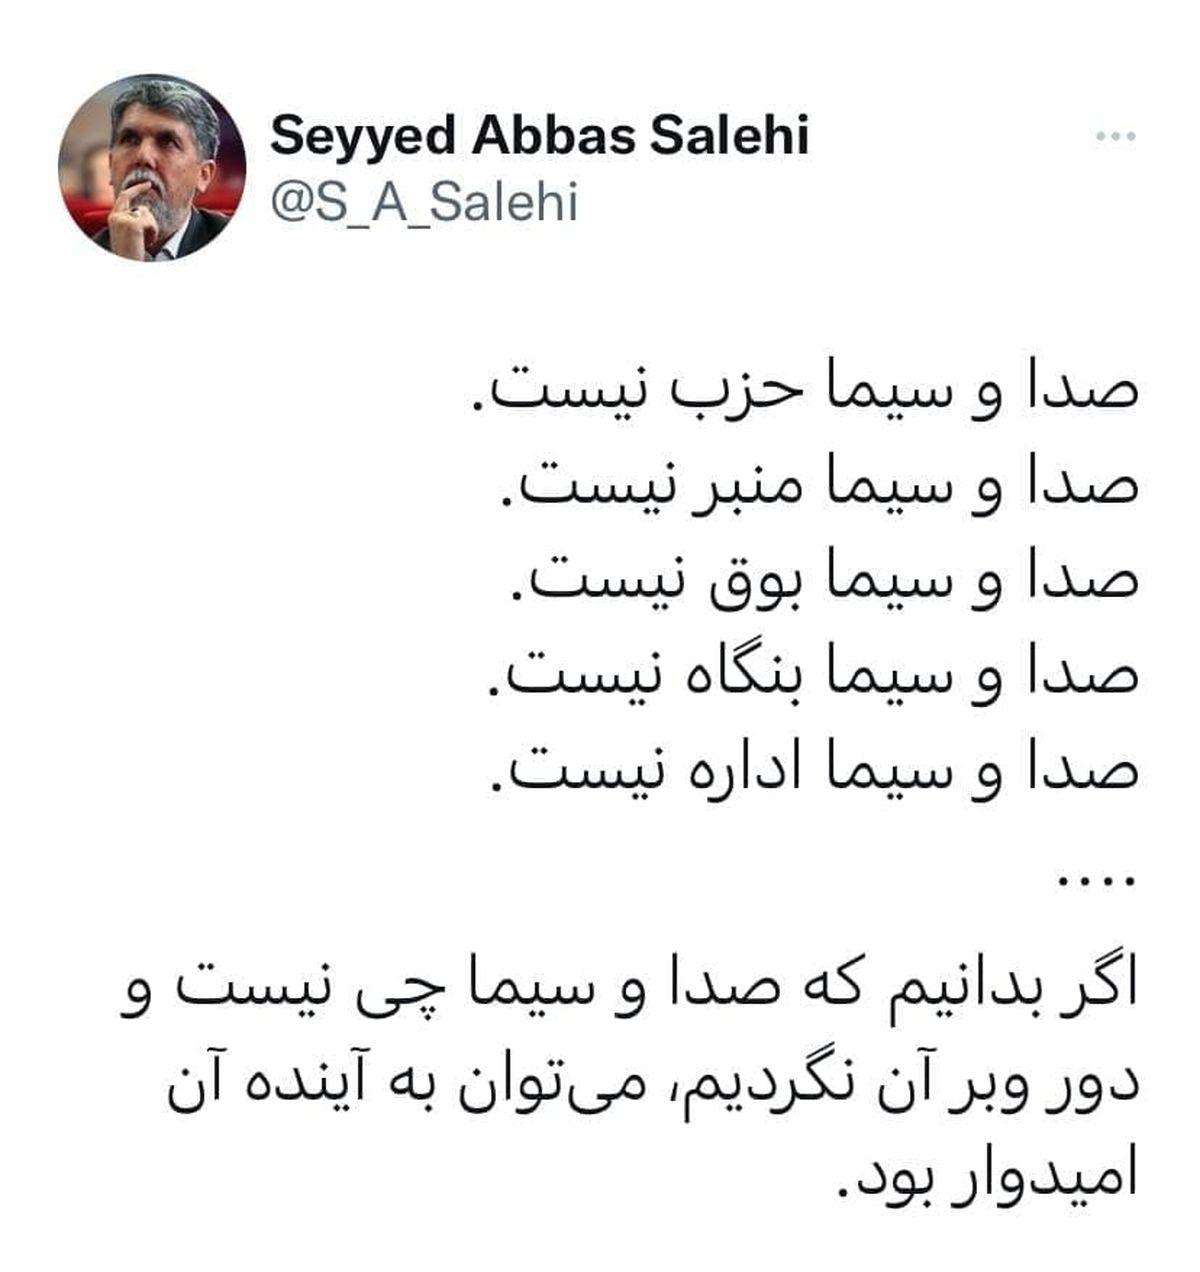 وزیر روحانی: صداوسیما بوق نیست